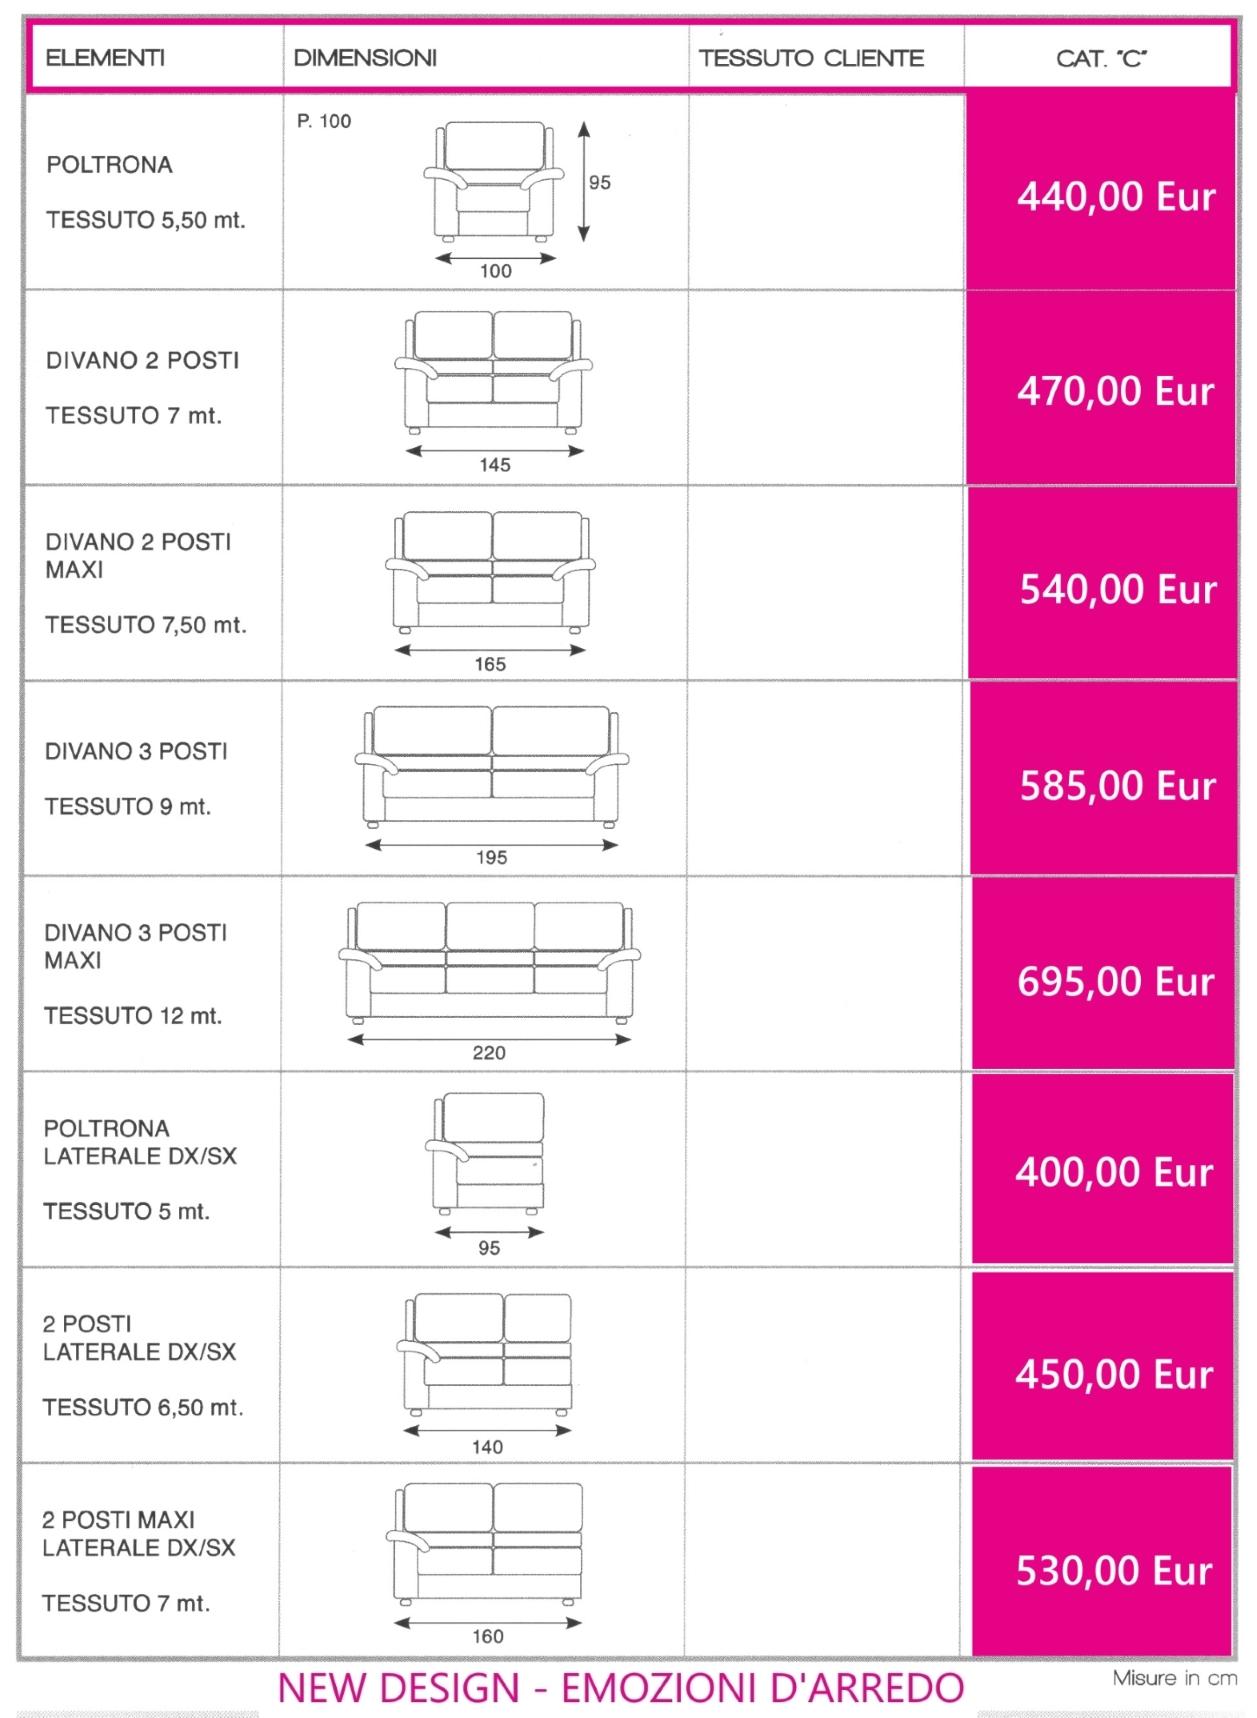 Misura divano 3 posti misure divano posti eccezionale for Divano 3 posti misure